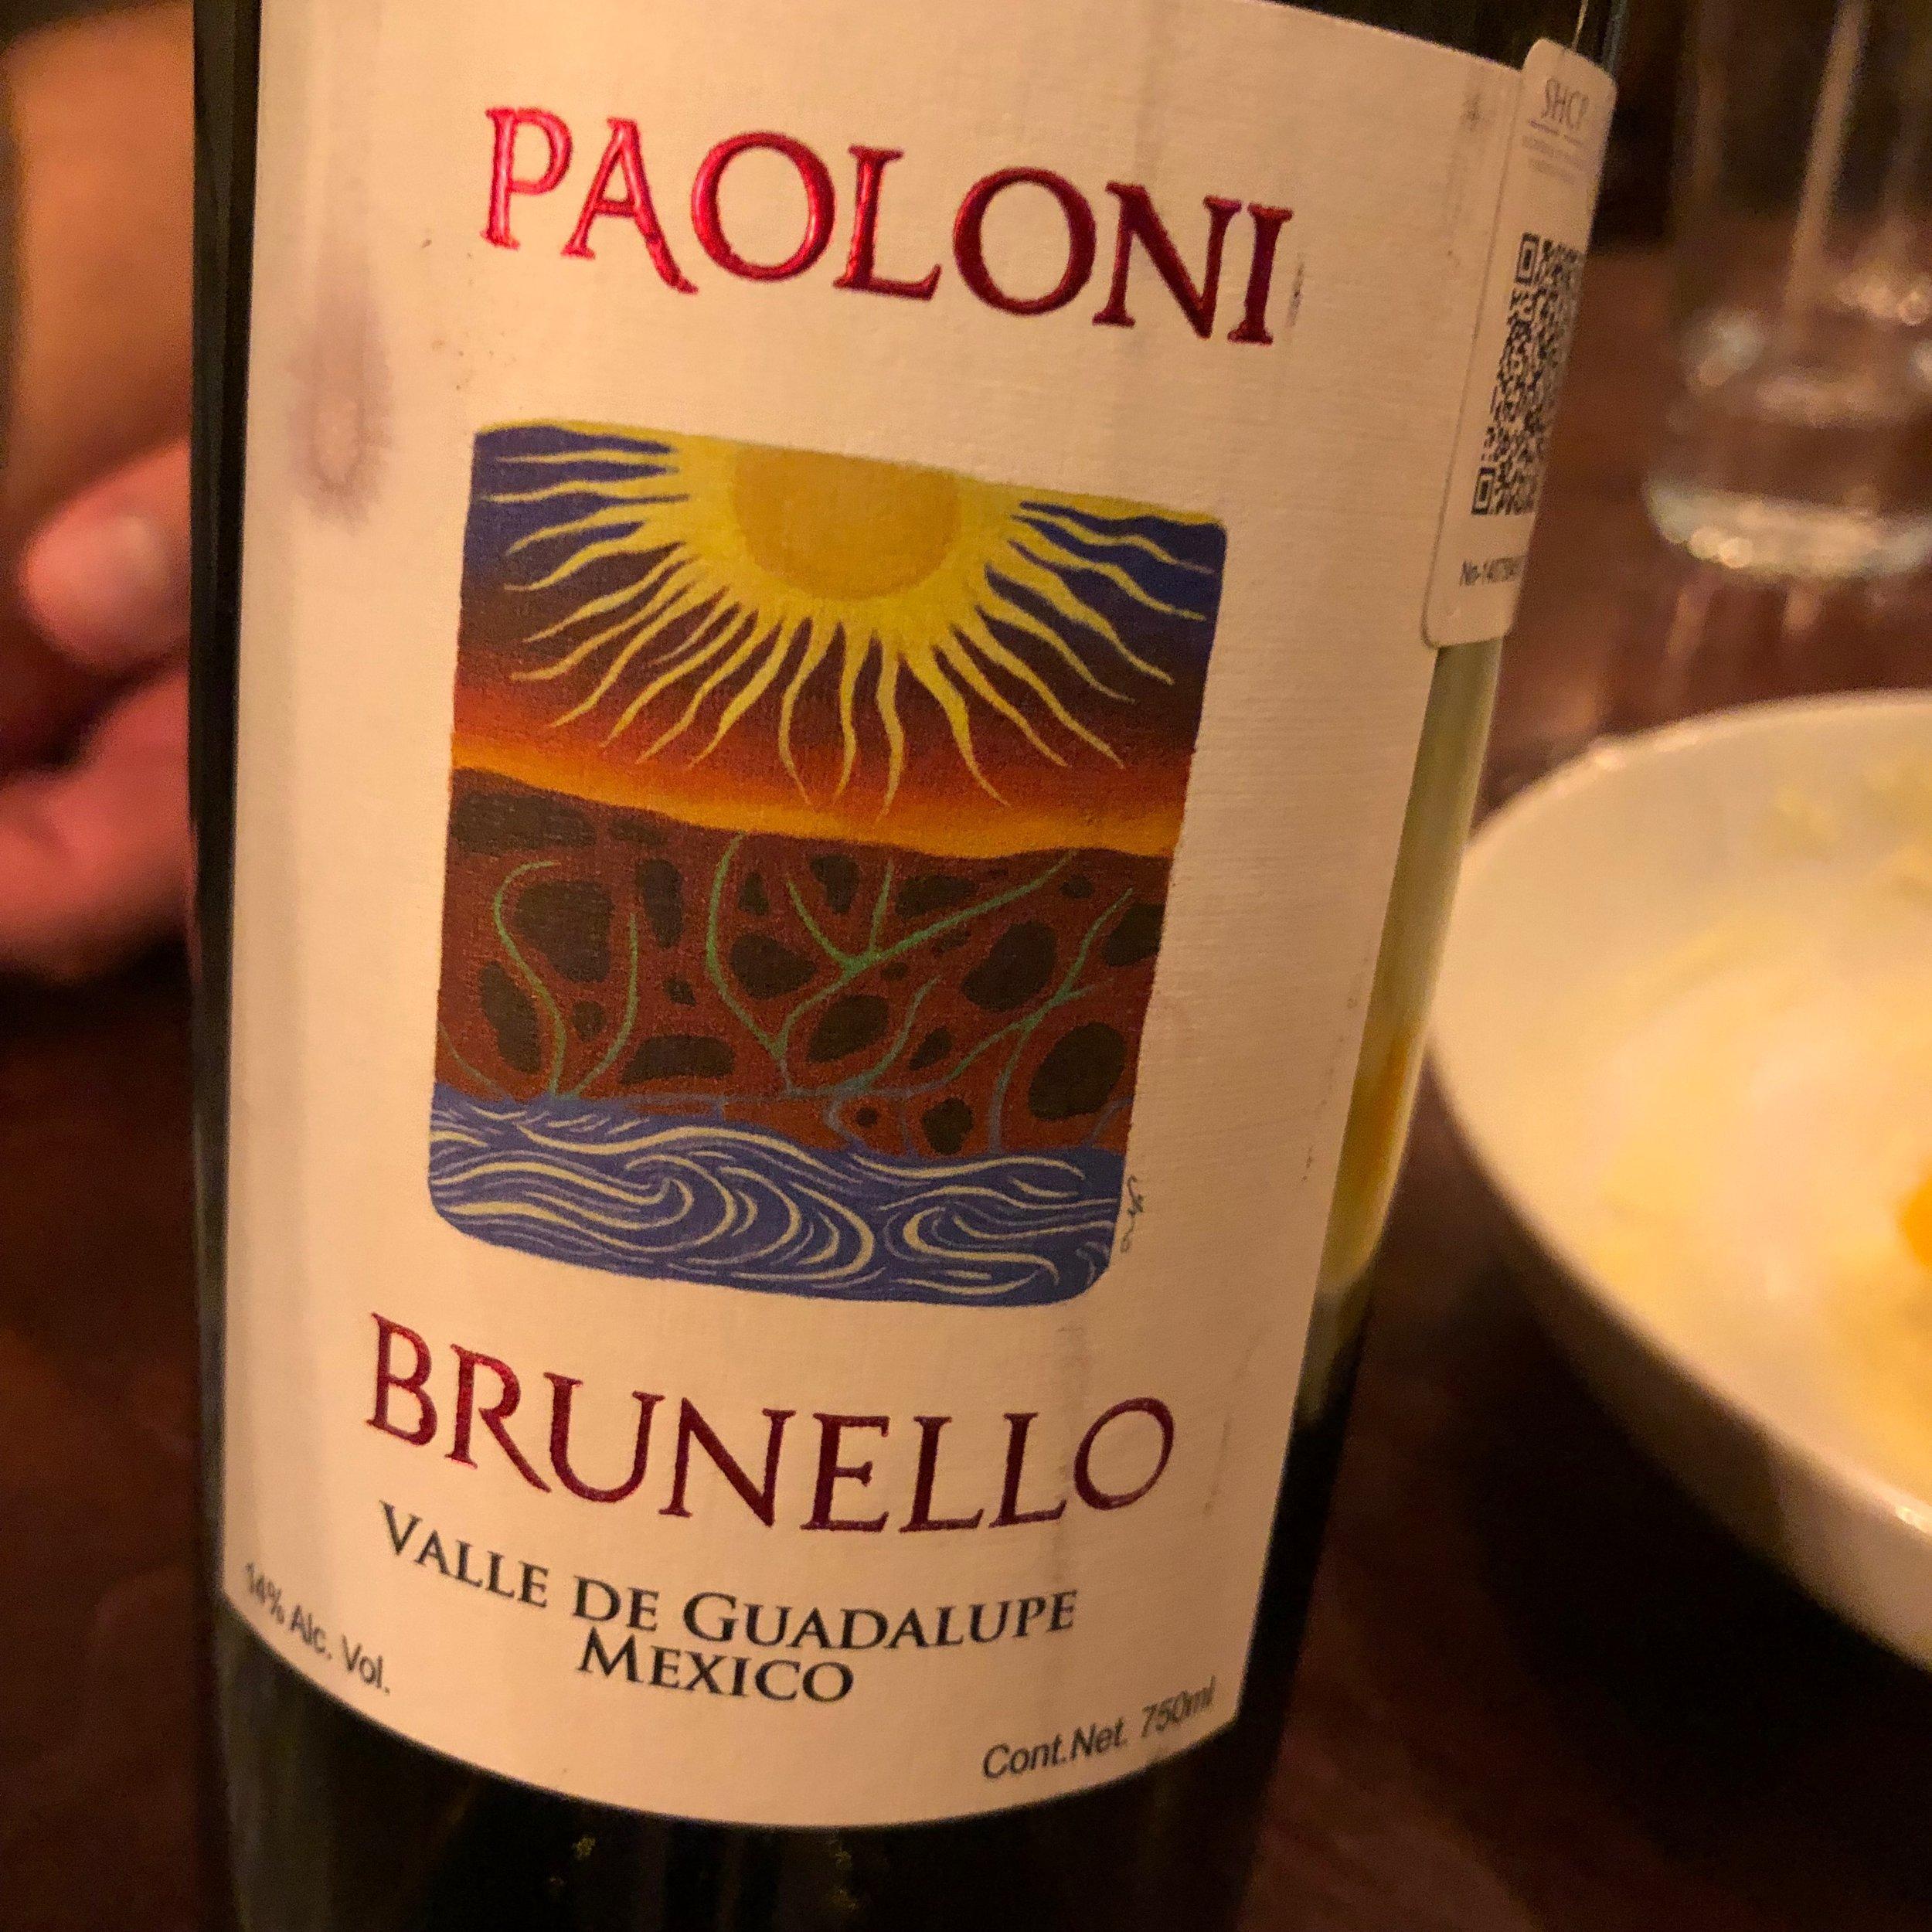 Paoloni Brunello